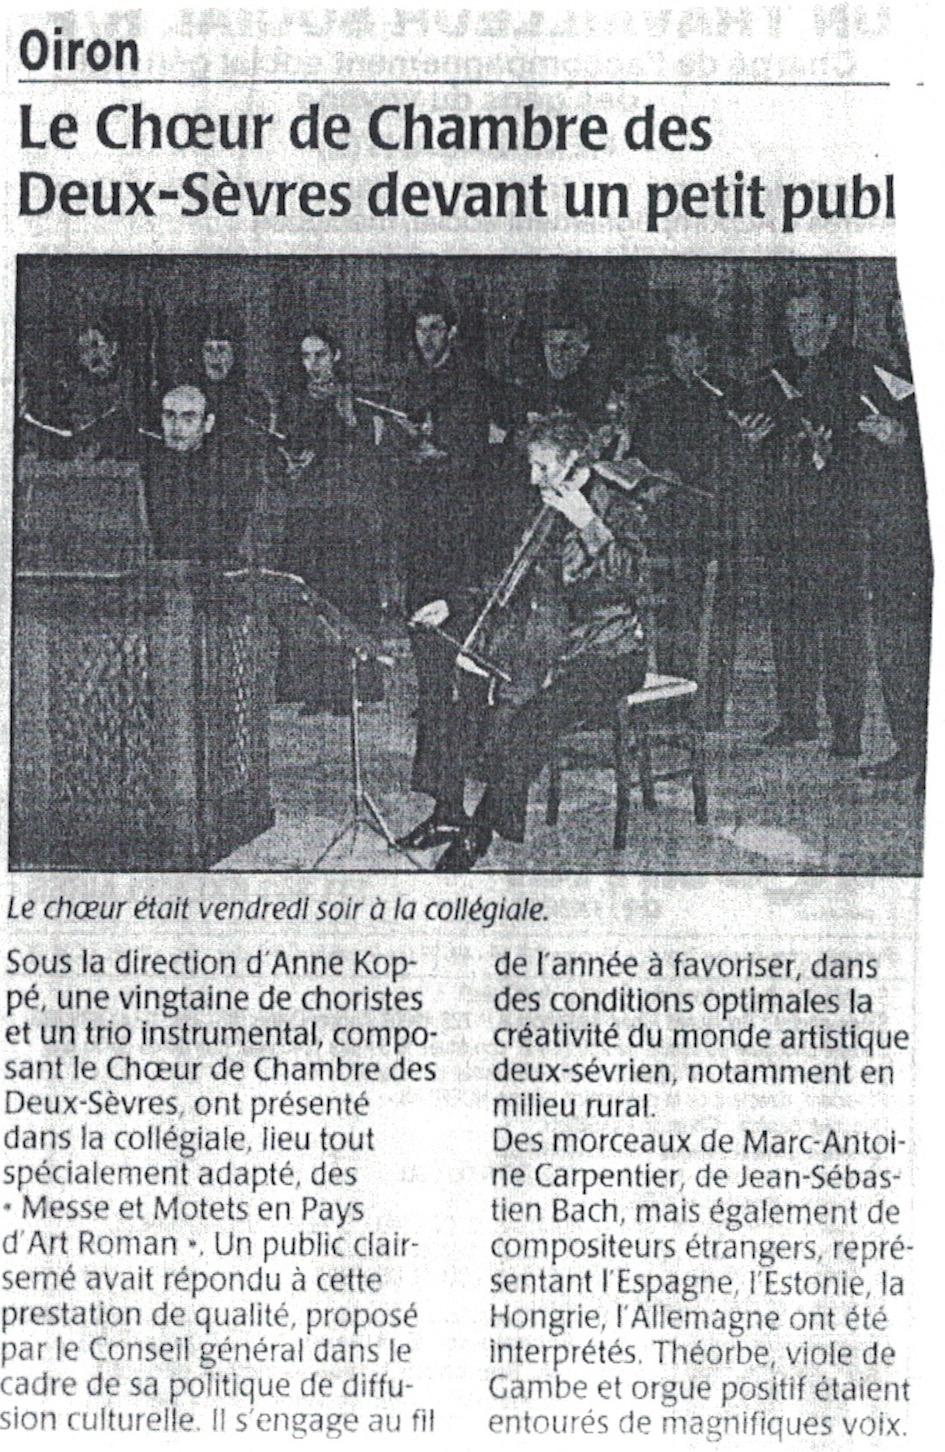 Oiron 2003